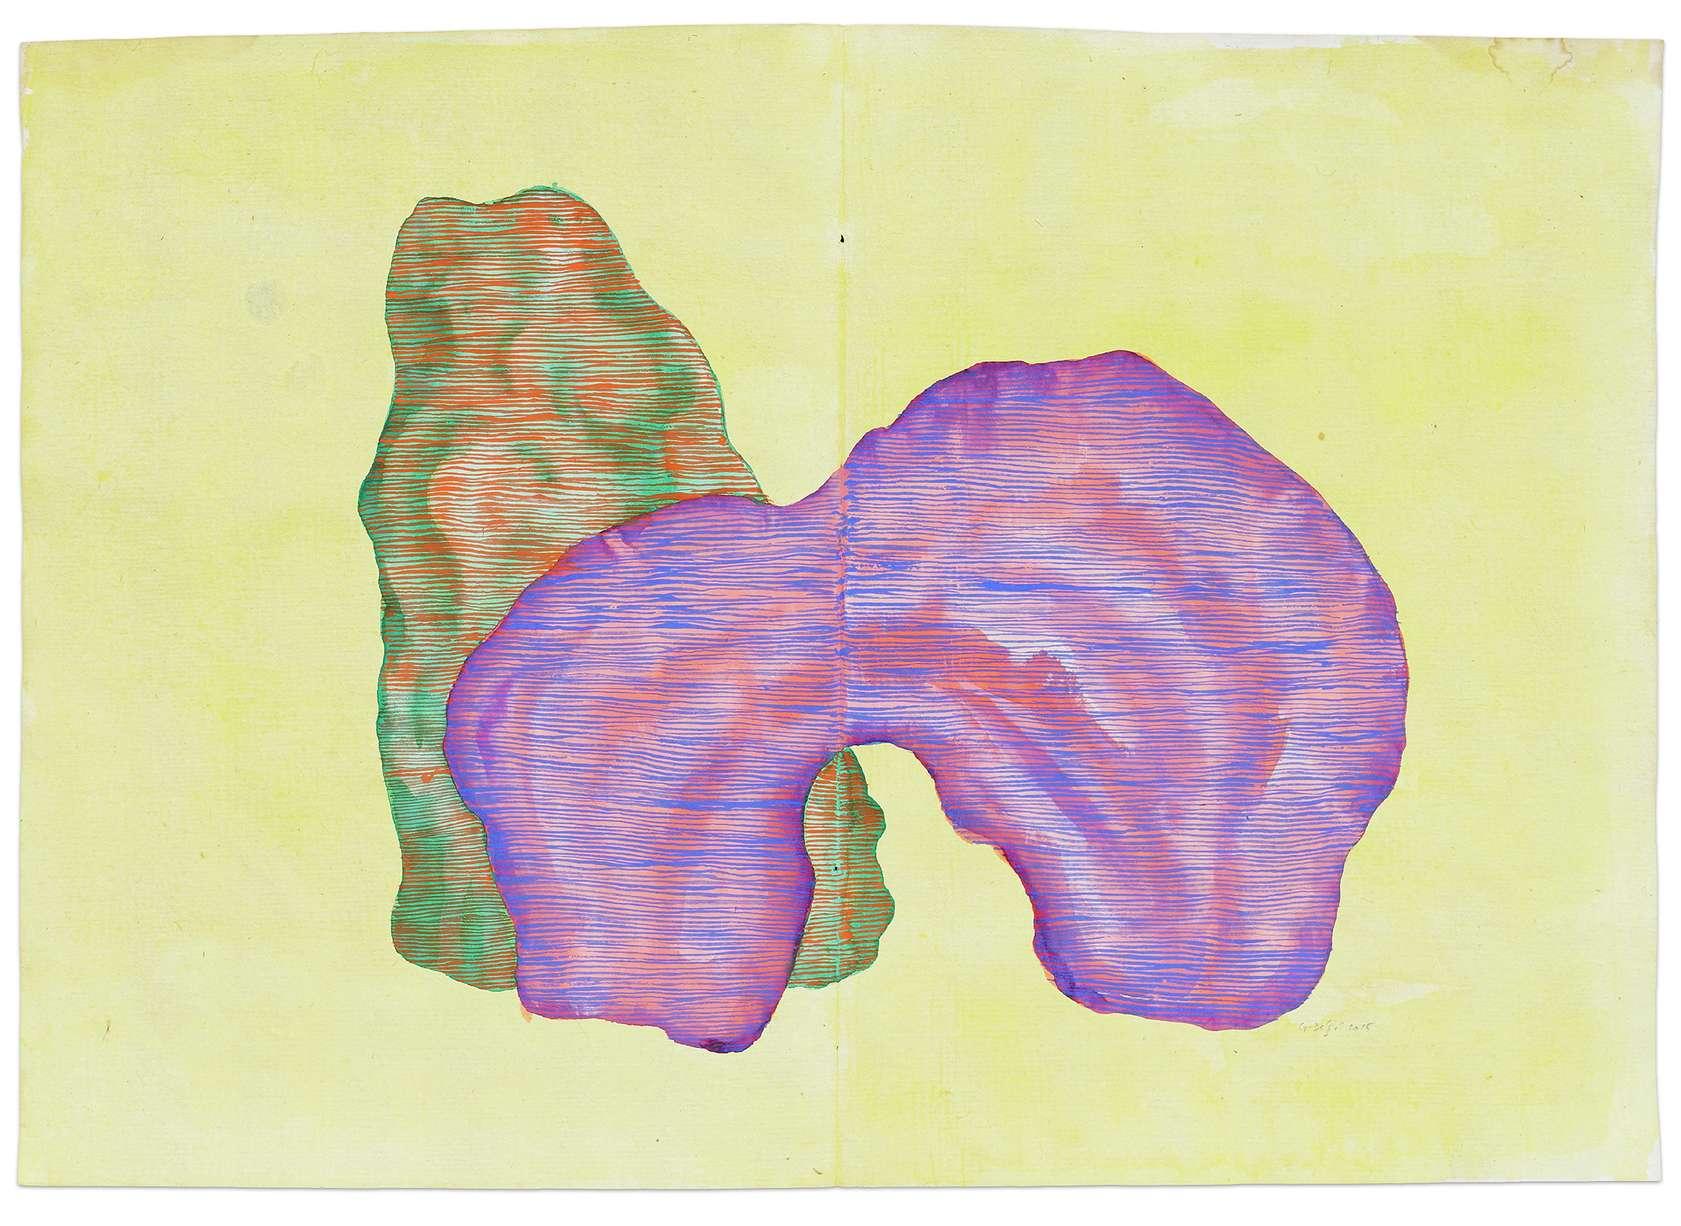 Guillaume Dégé, Sans titre, 2015 Gouache sur papier XVIIIe25.9 × 36.8 cm / 10 2/8 × 14 1/2 in.